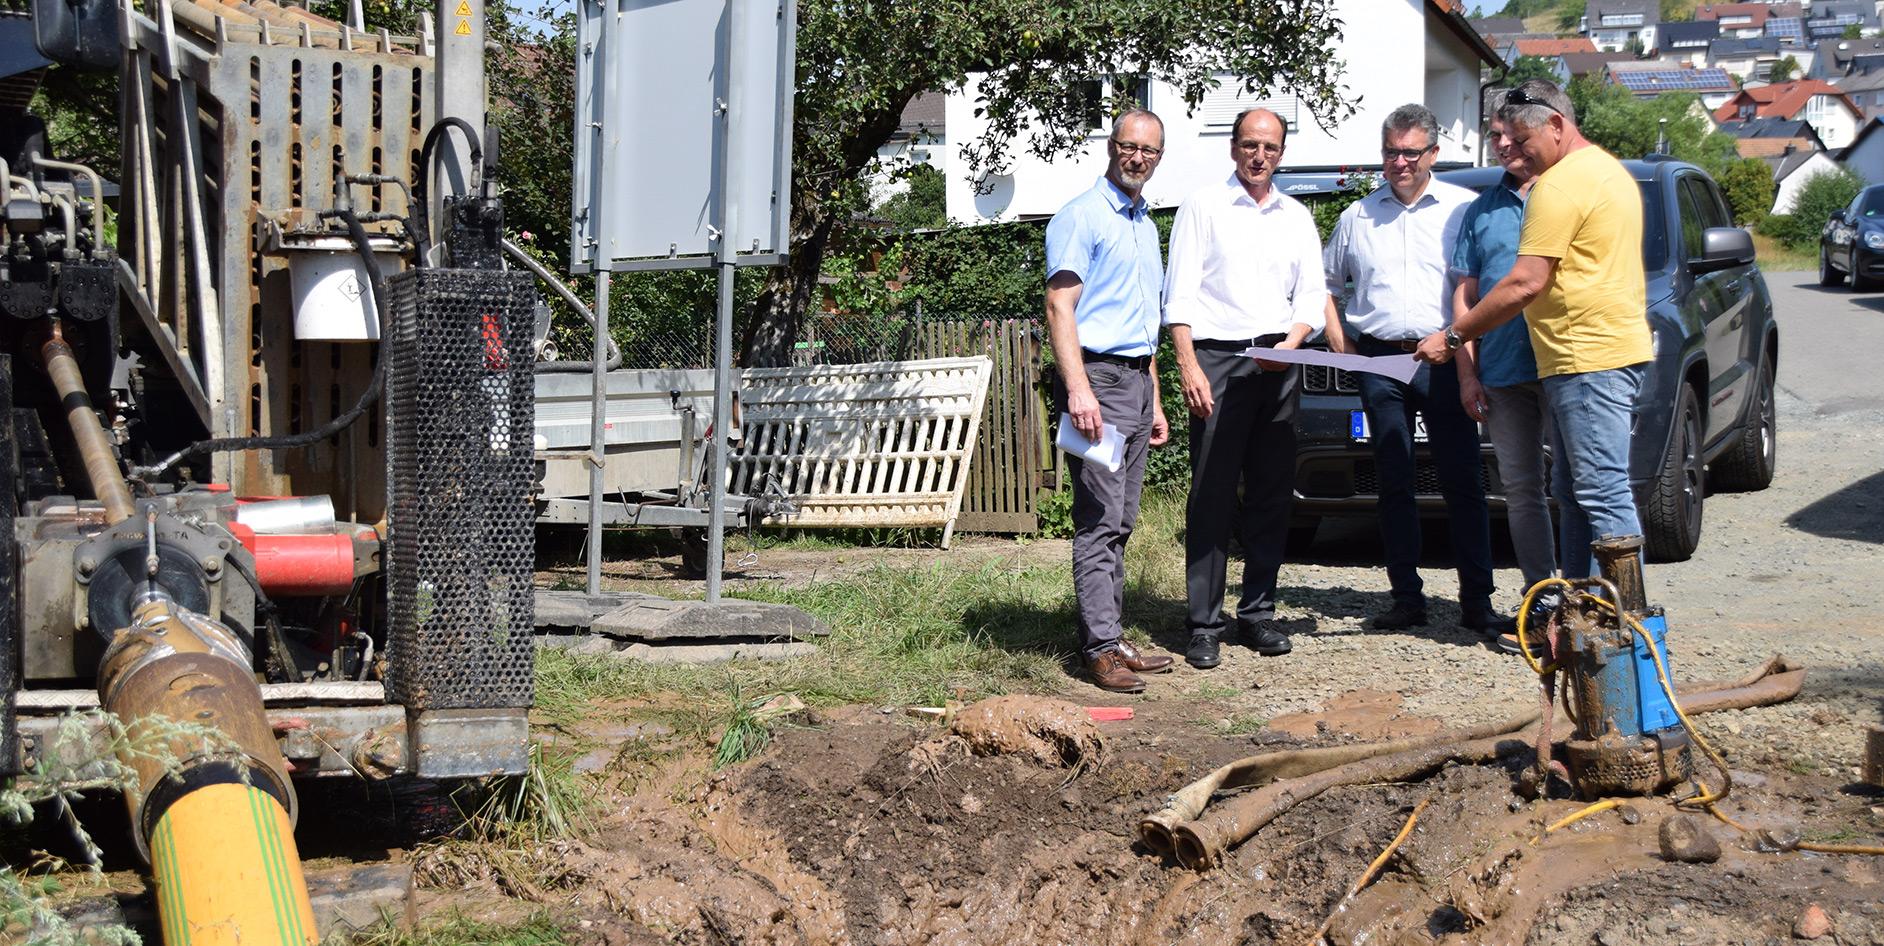 Die EAM verlegt eine neue 1.900 Meter lange Erdgasleitung in Dillenburg-Niederscheld.